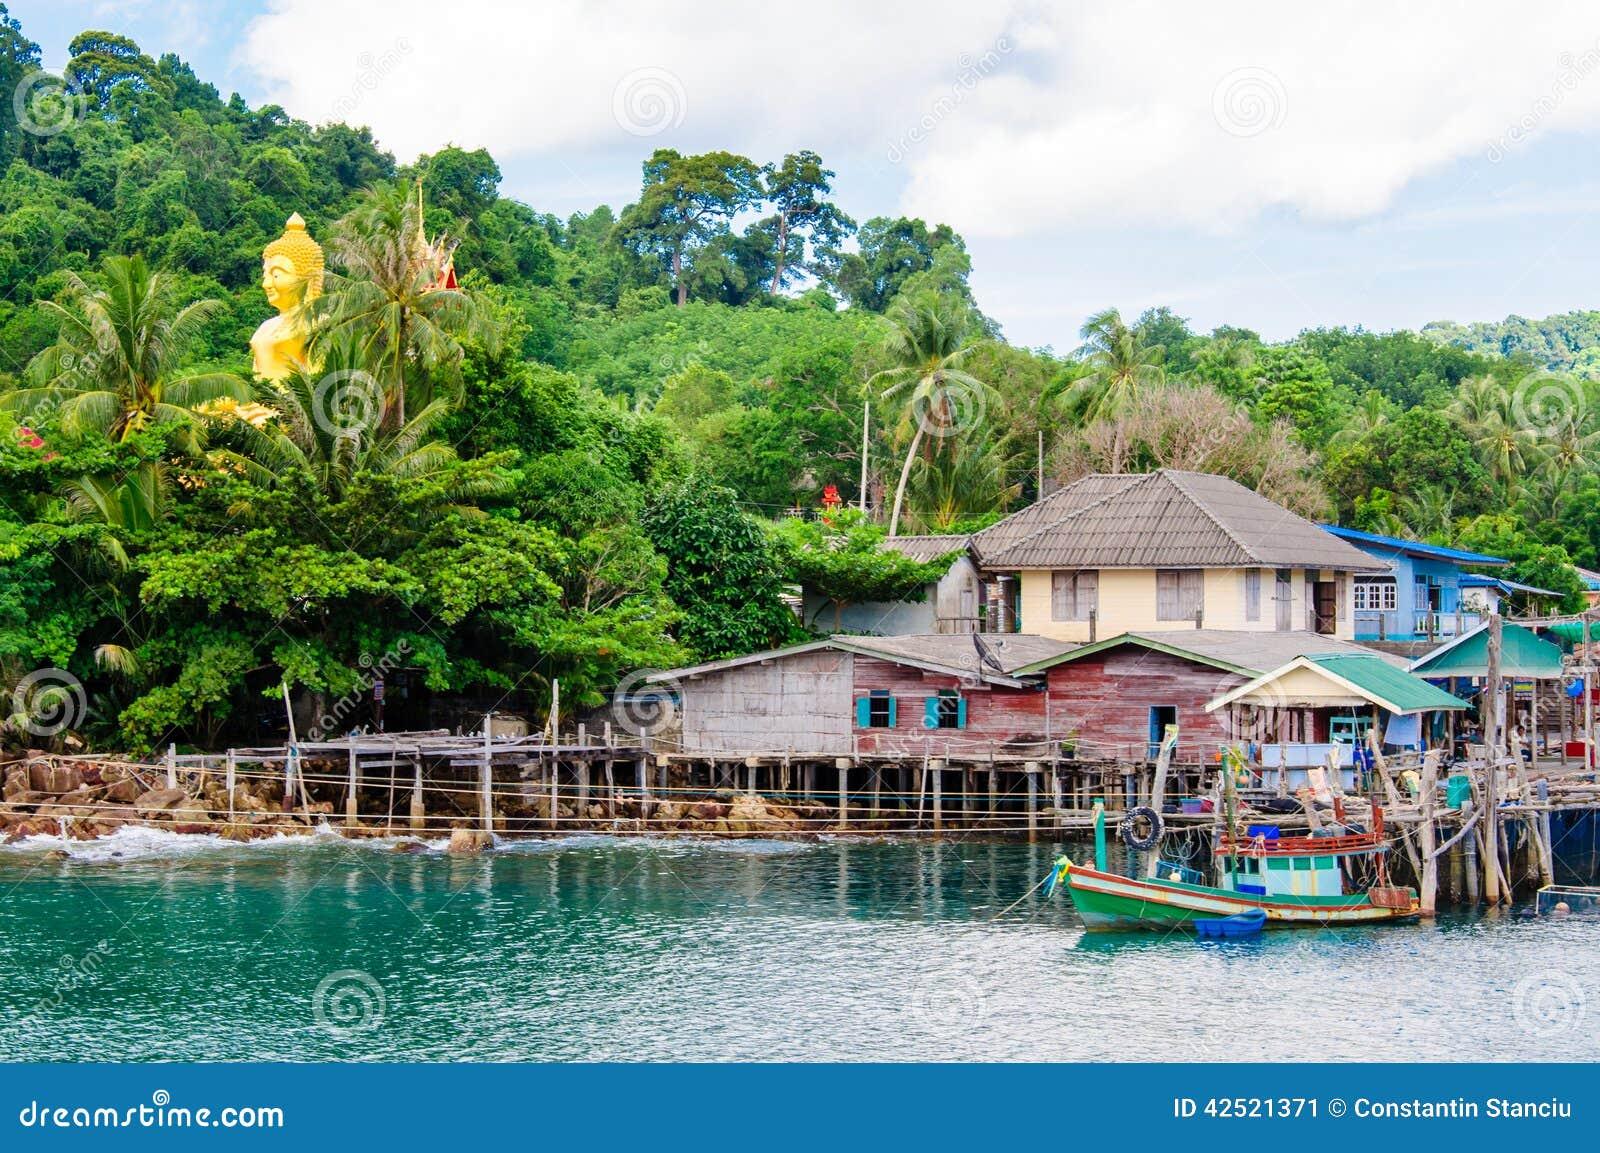 about thailand tourism